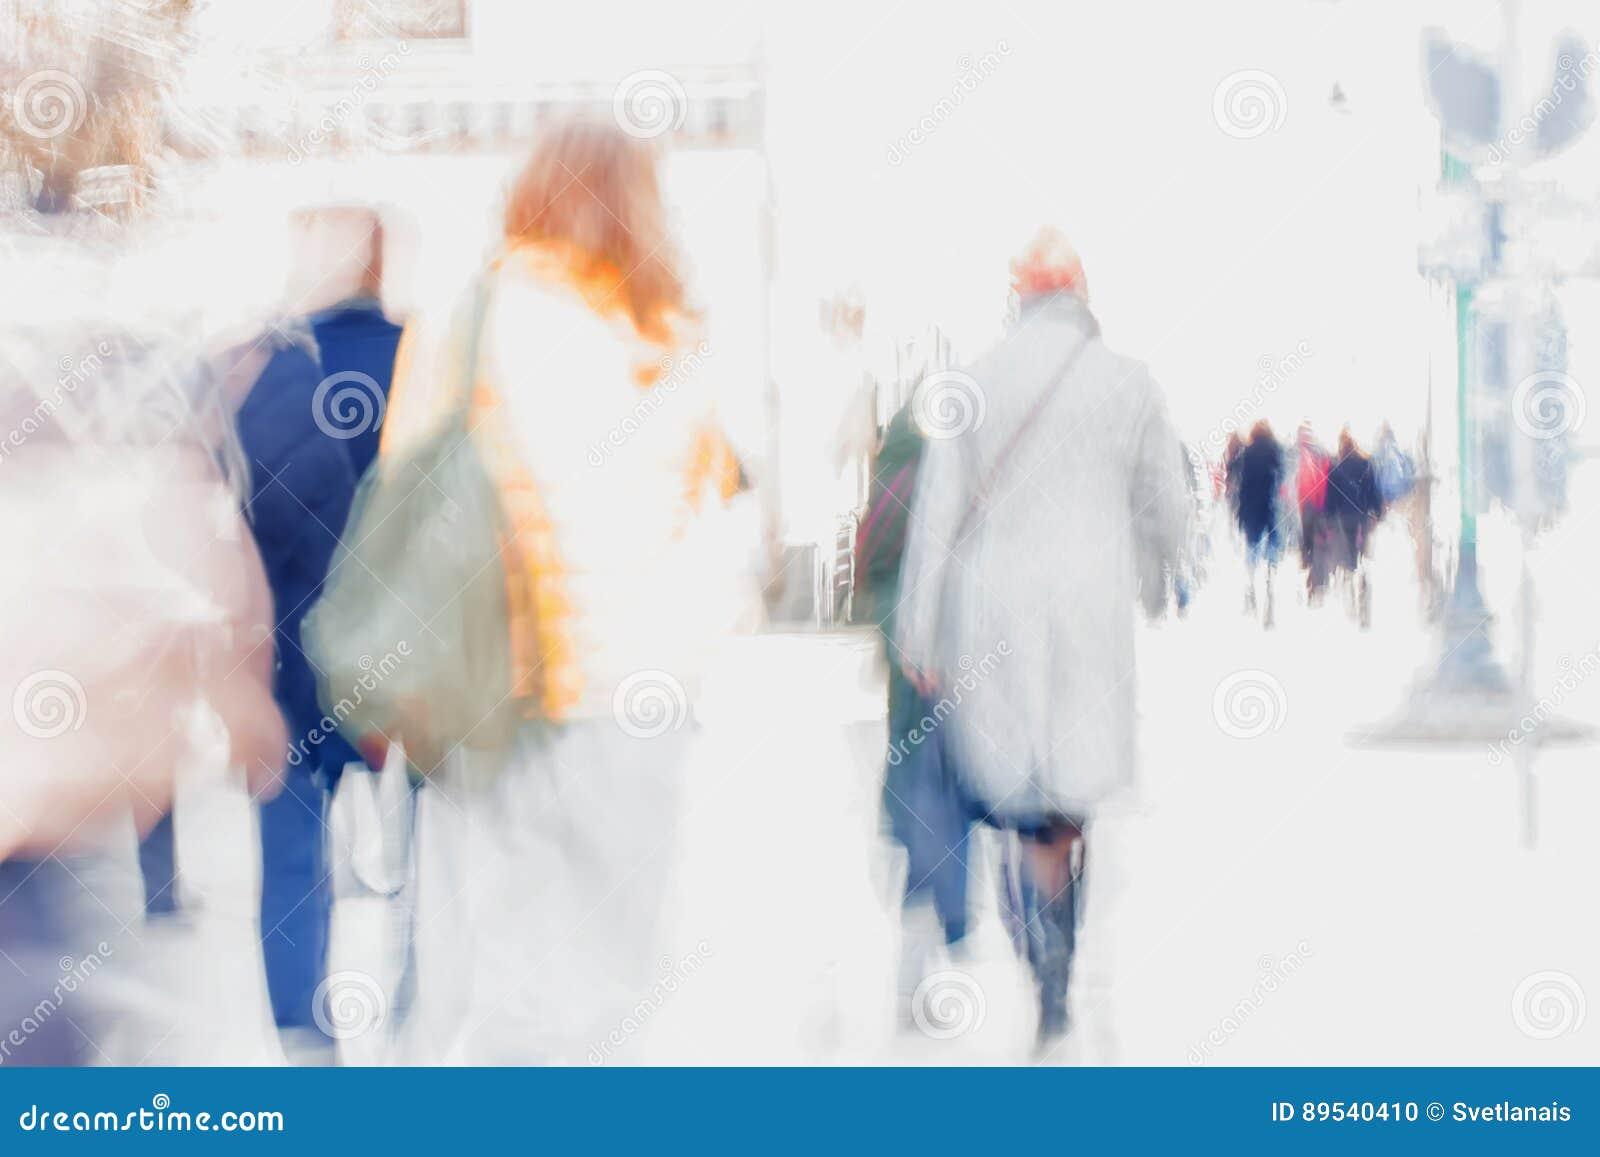 Abstraia o fundo Borrão de movimento intencional Povos que andam abaixo da rua da cidade Conceito da compra, andando